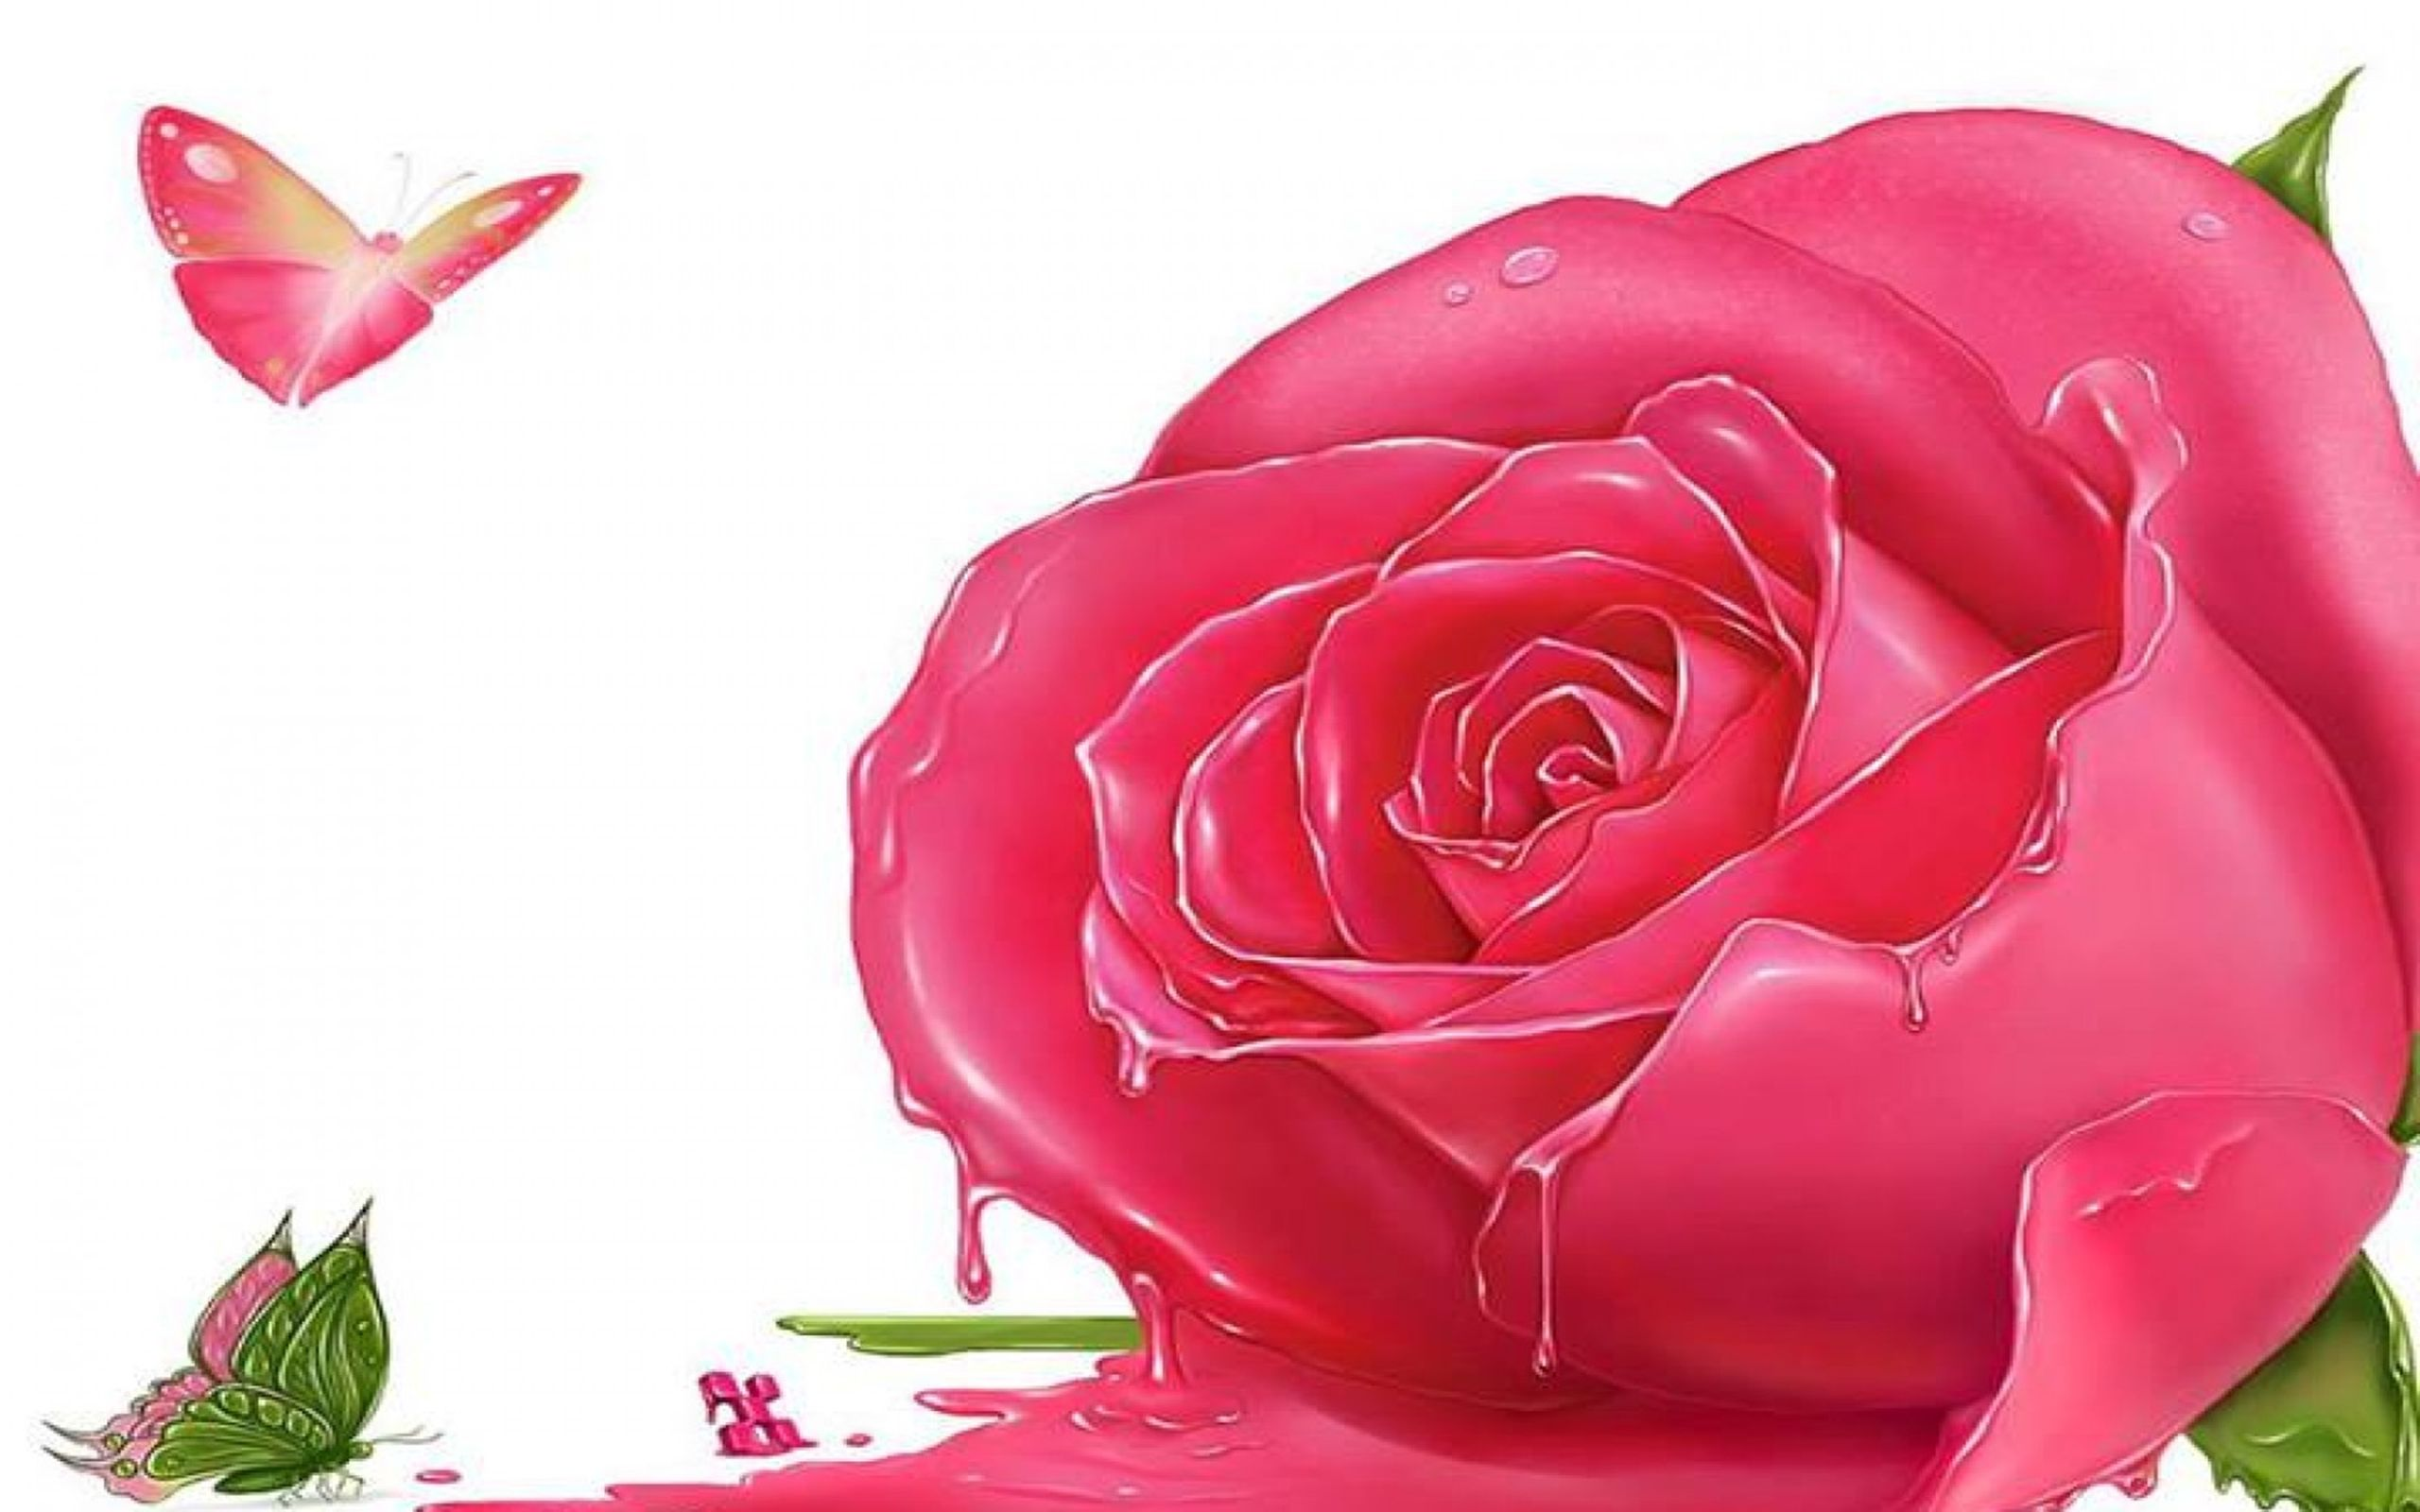 Desktophdwallpaper Org Pink Flowers Wallpaper Pink Flowers Background Rose Flower Wallpaper